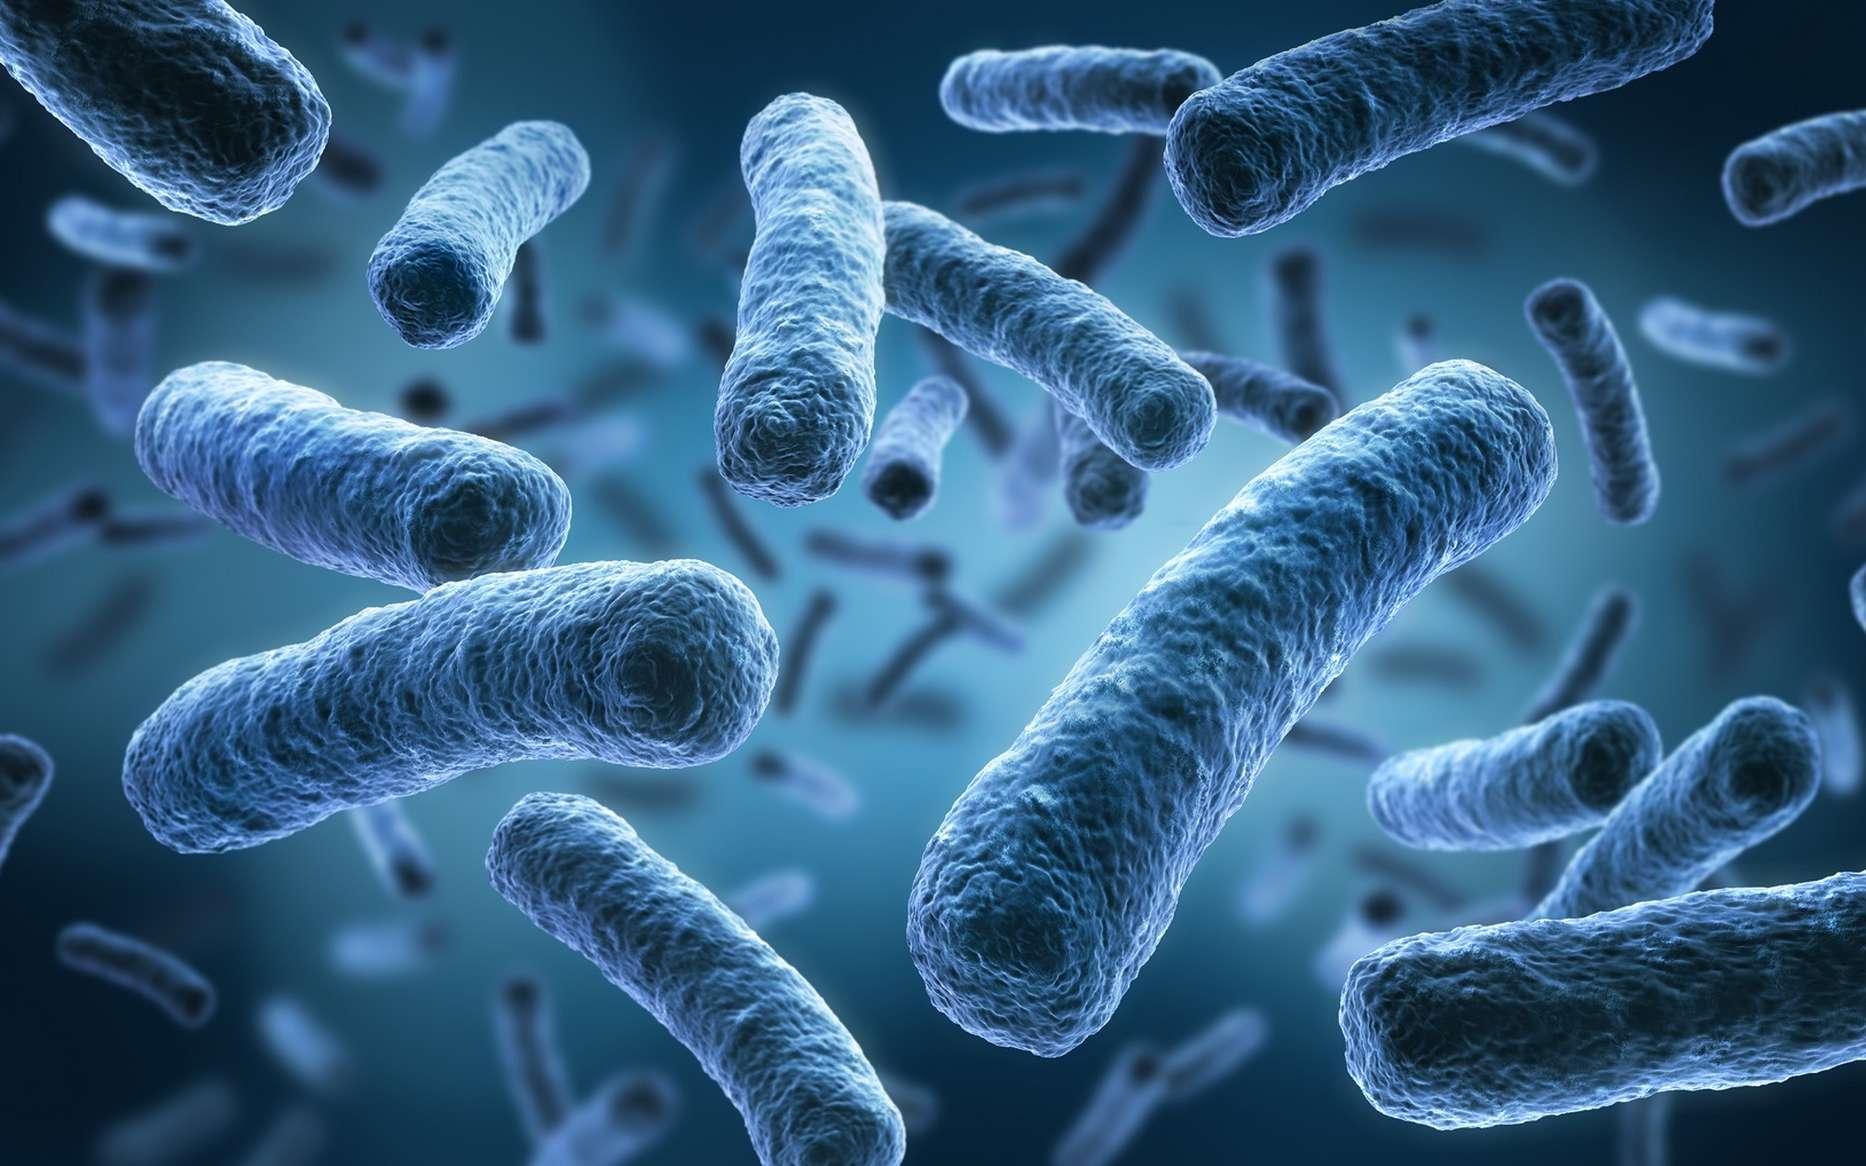 Les bactéries changeraient de forme pour se protéger des antibiotiques. © Fotolia